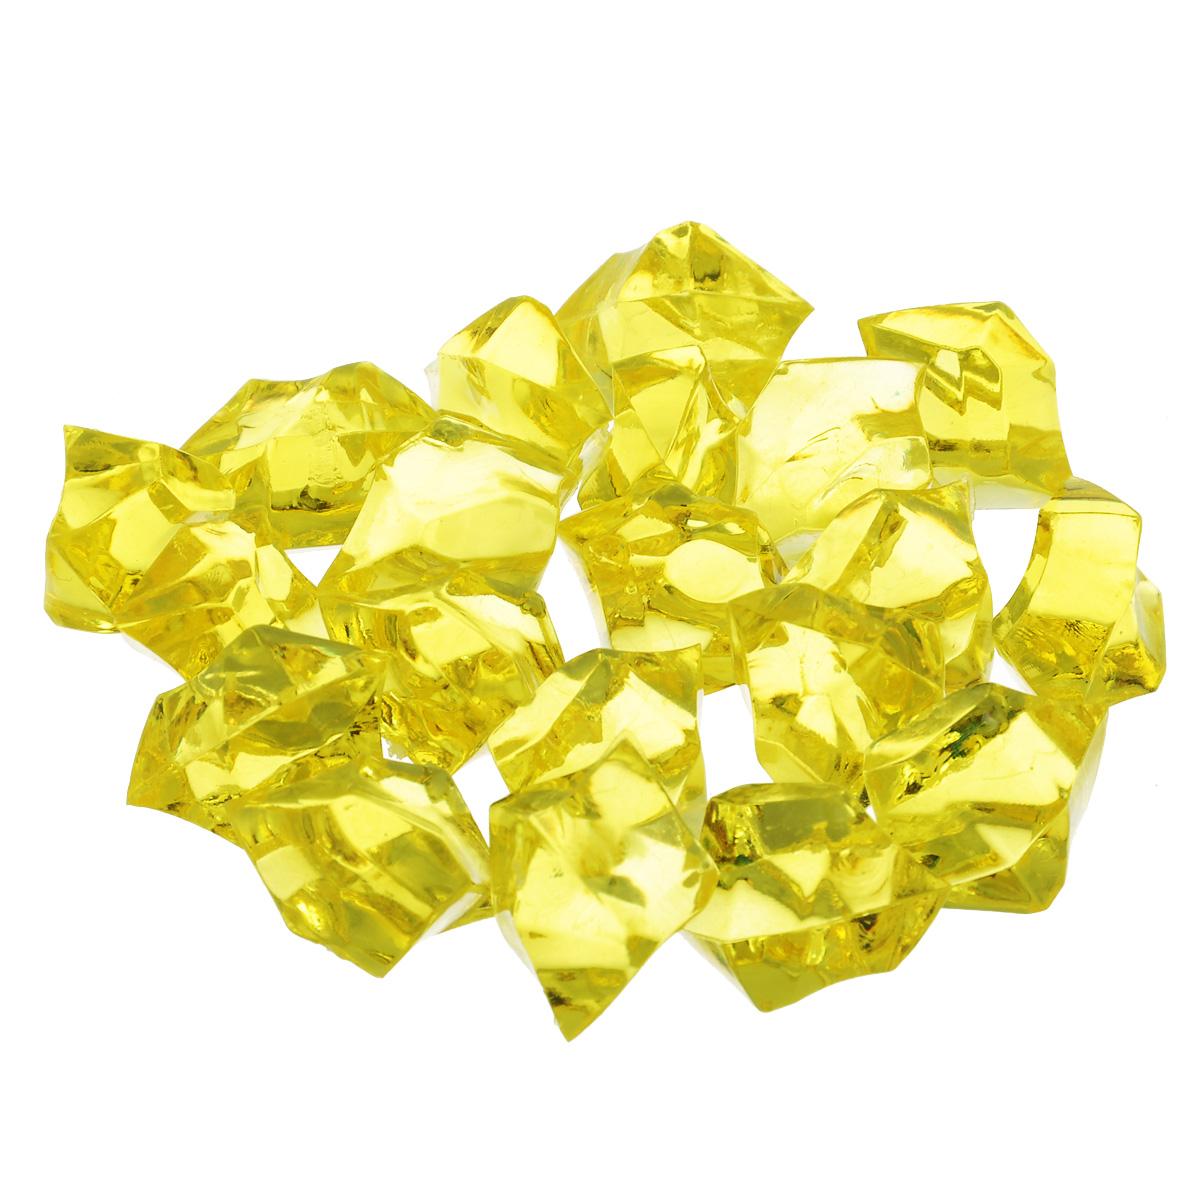 Набор декоративных кристаллов Большие камни, цвет: желтый, 70 г824-011 желтыйНабор декоративных кристаллов Большие камни, выполненный из пластика, замечательно подойдет для украшения вашего дома. Его можно использовать для создания индивидуального интерьера, а также как наполнитель декоративных ваз. Декоративные кристаллы создают чувство уюта и улучшают настроение.